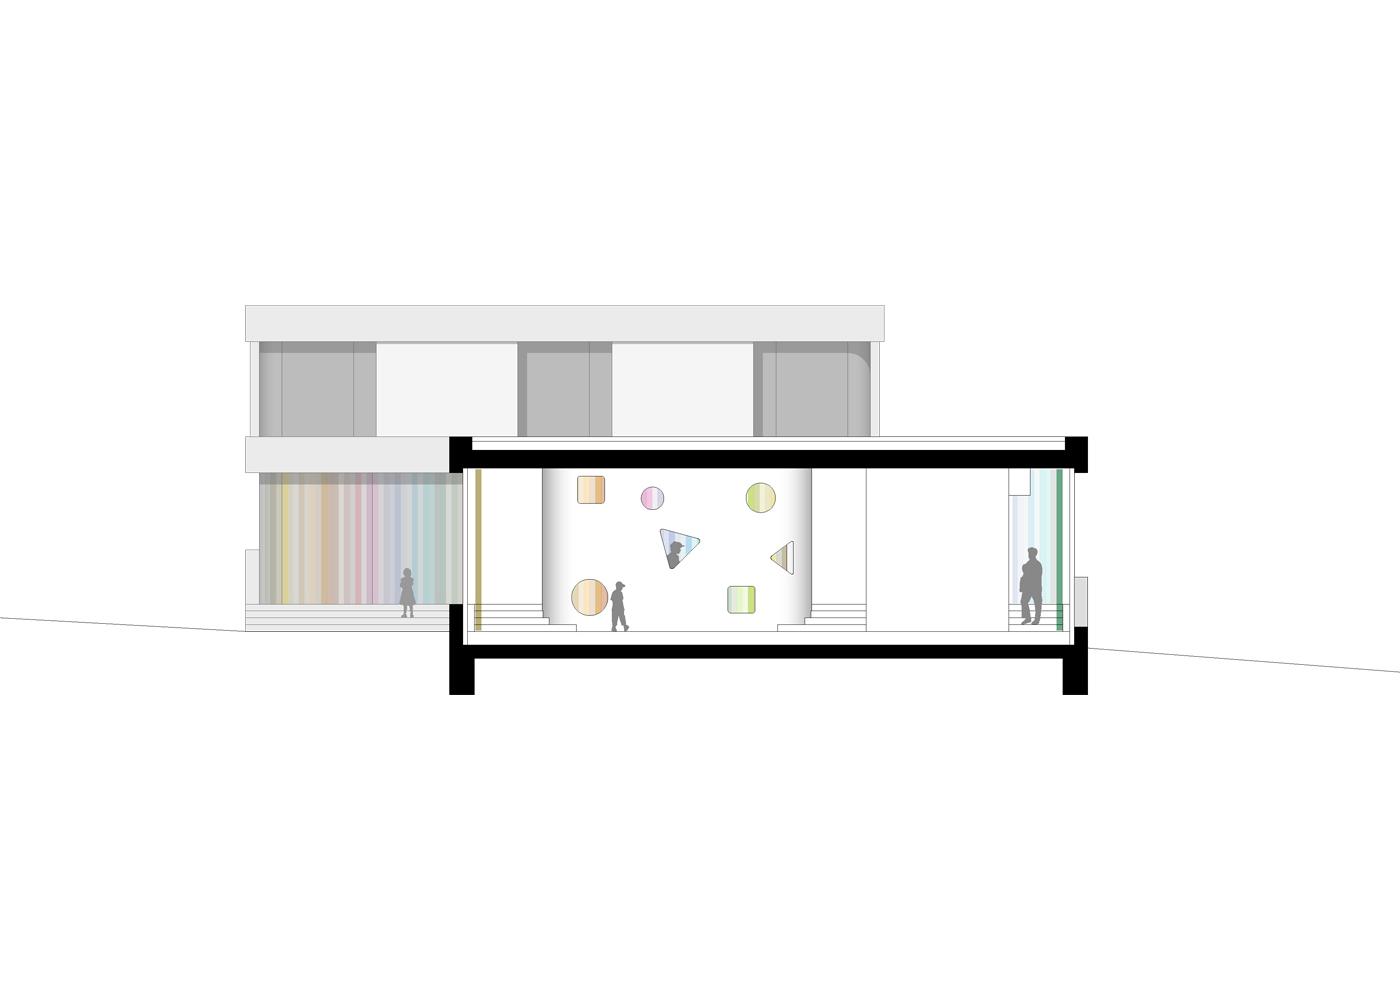 buan architekten – Schulanlage Erlen Emmenbrücke – Neubau Schnitt